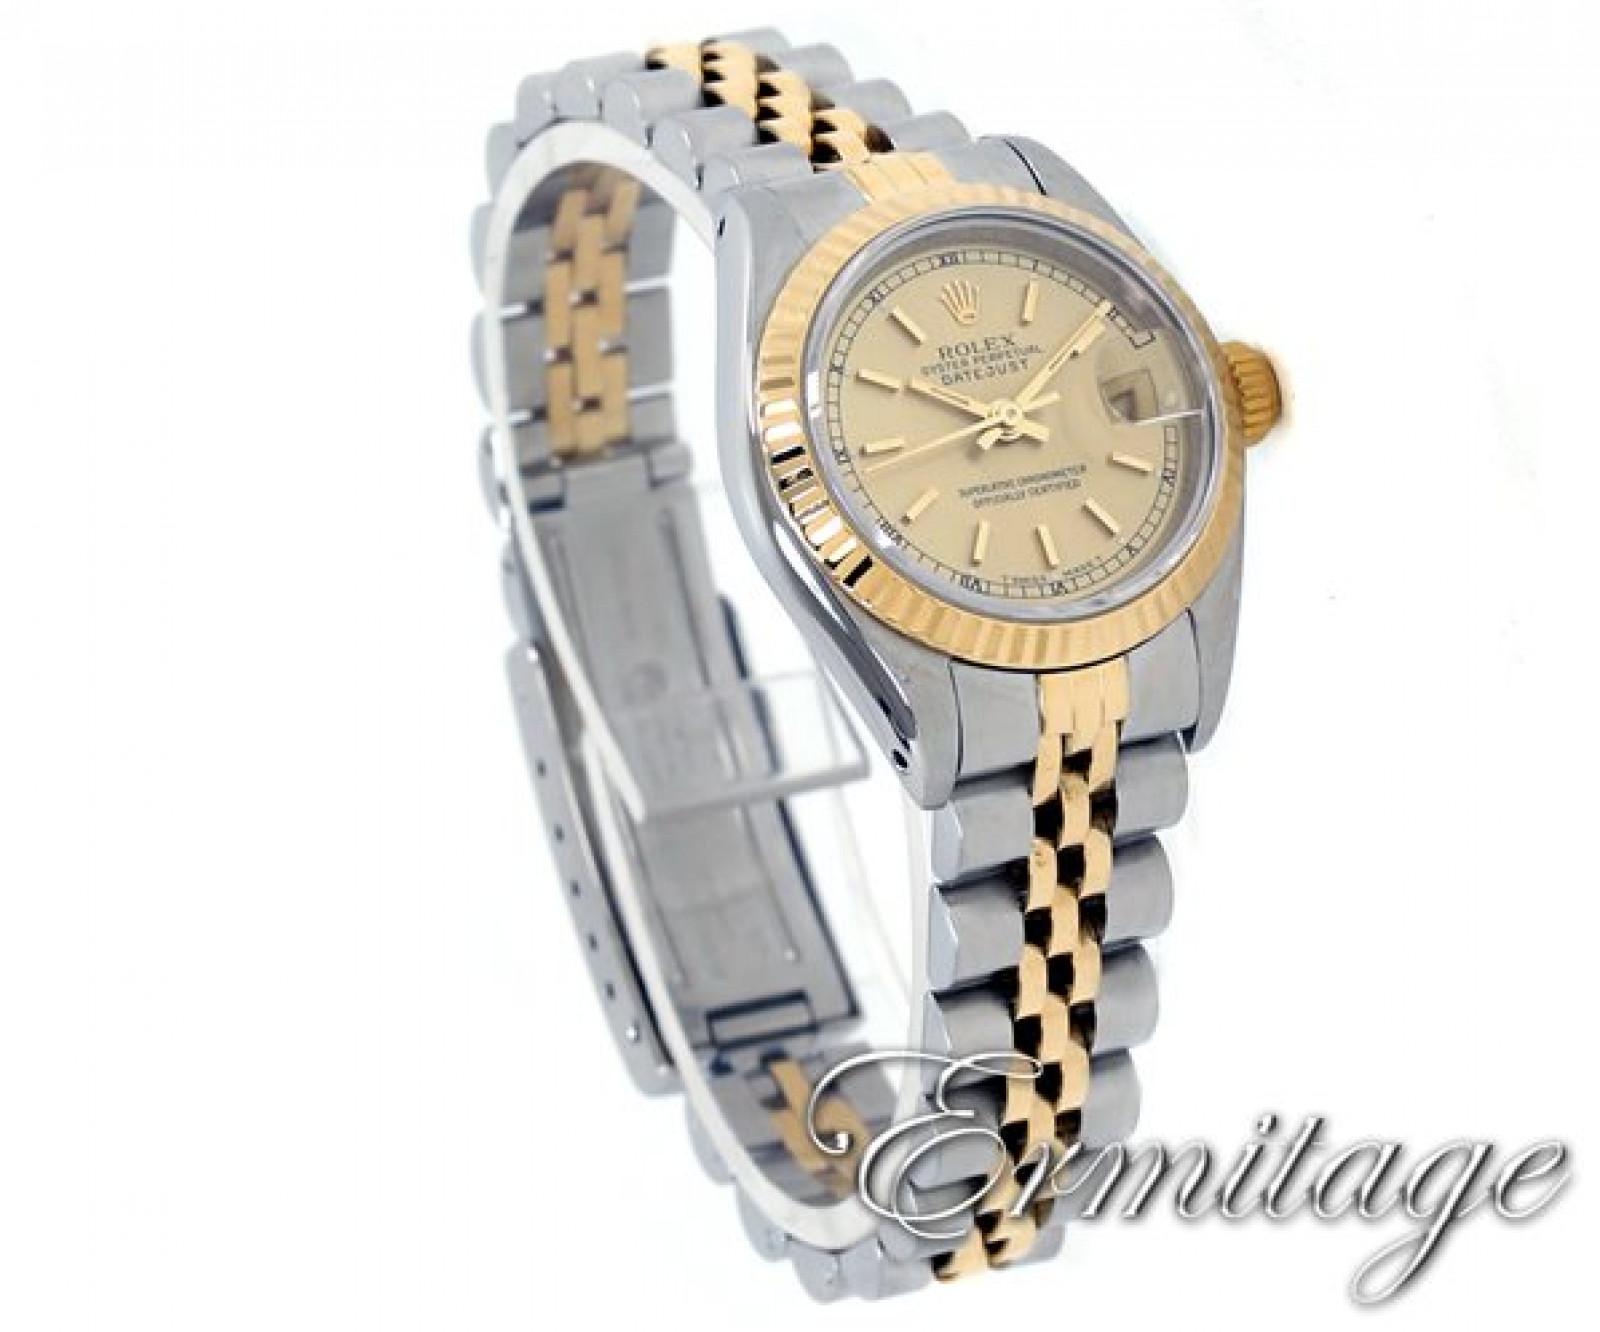 Rolex Datejust 69173 Jubilee 1990